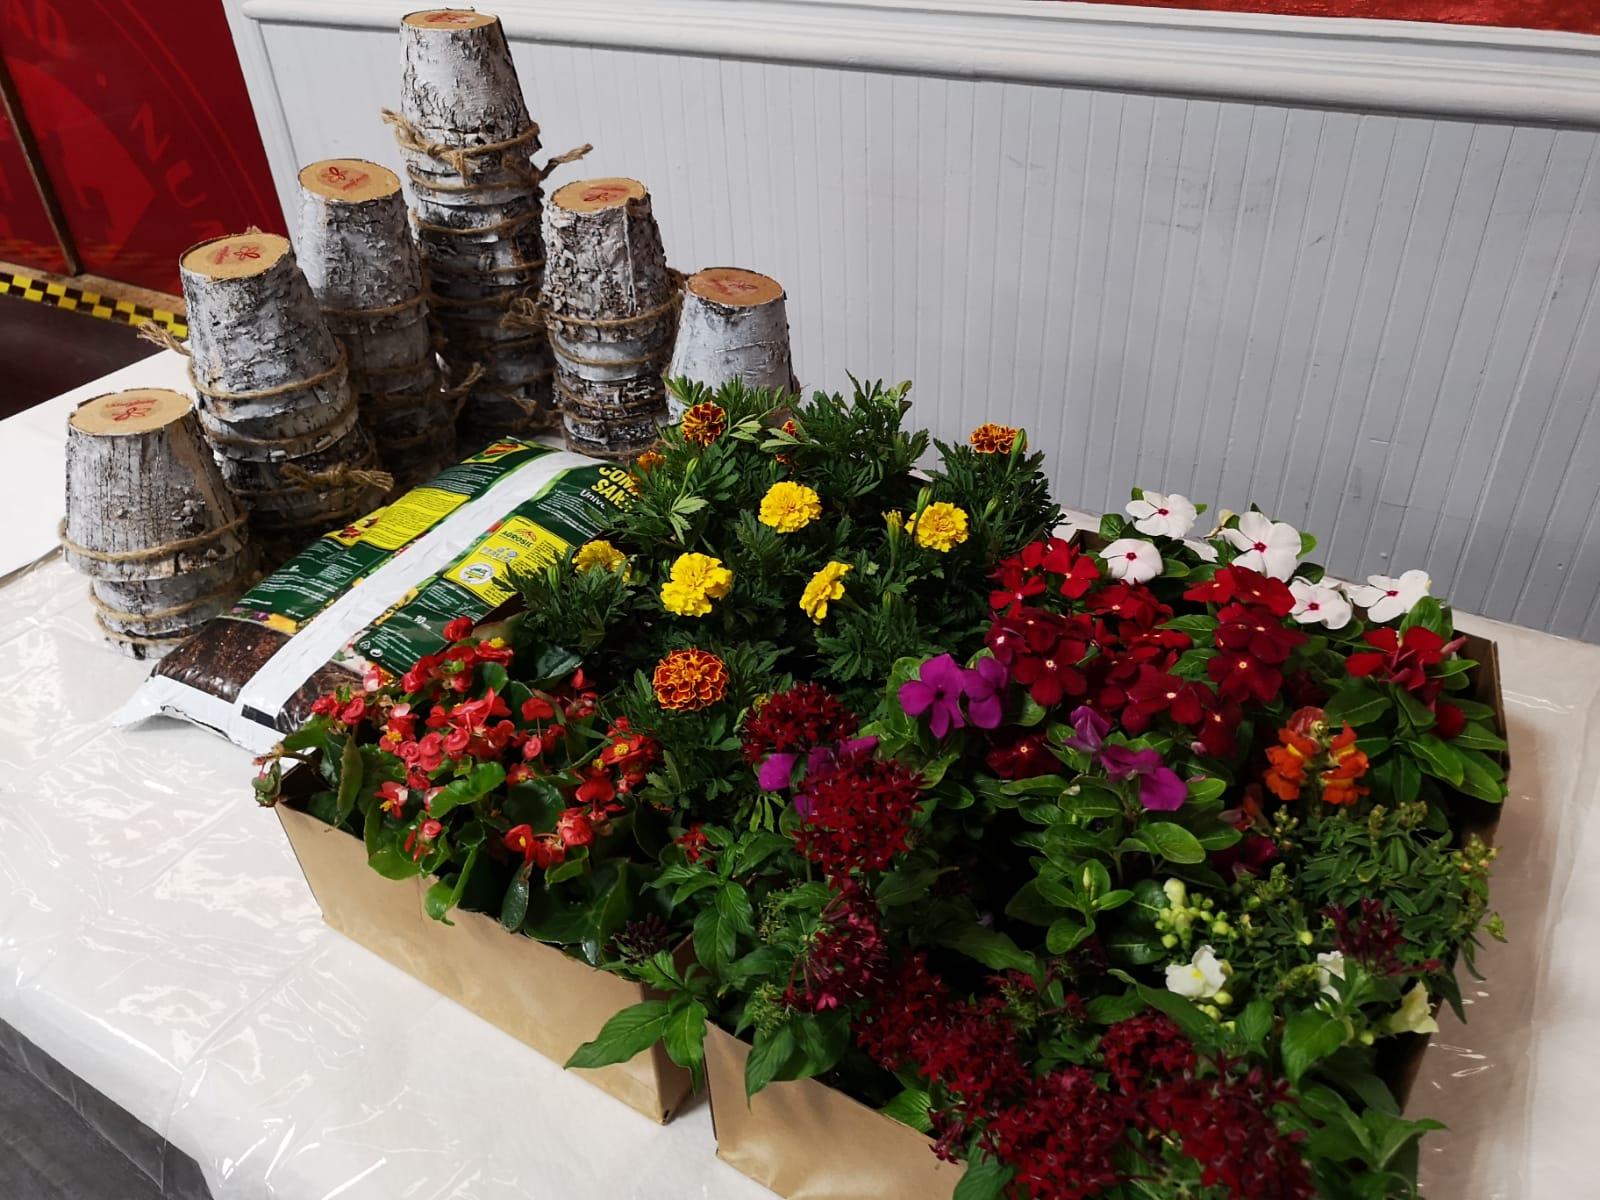 Una de las secciones del taller era cuidar las plantas desde la tierra